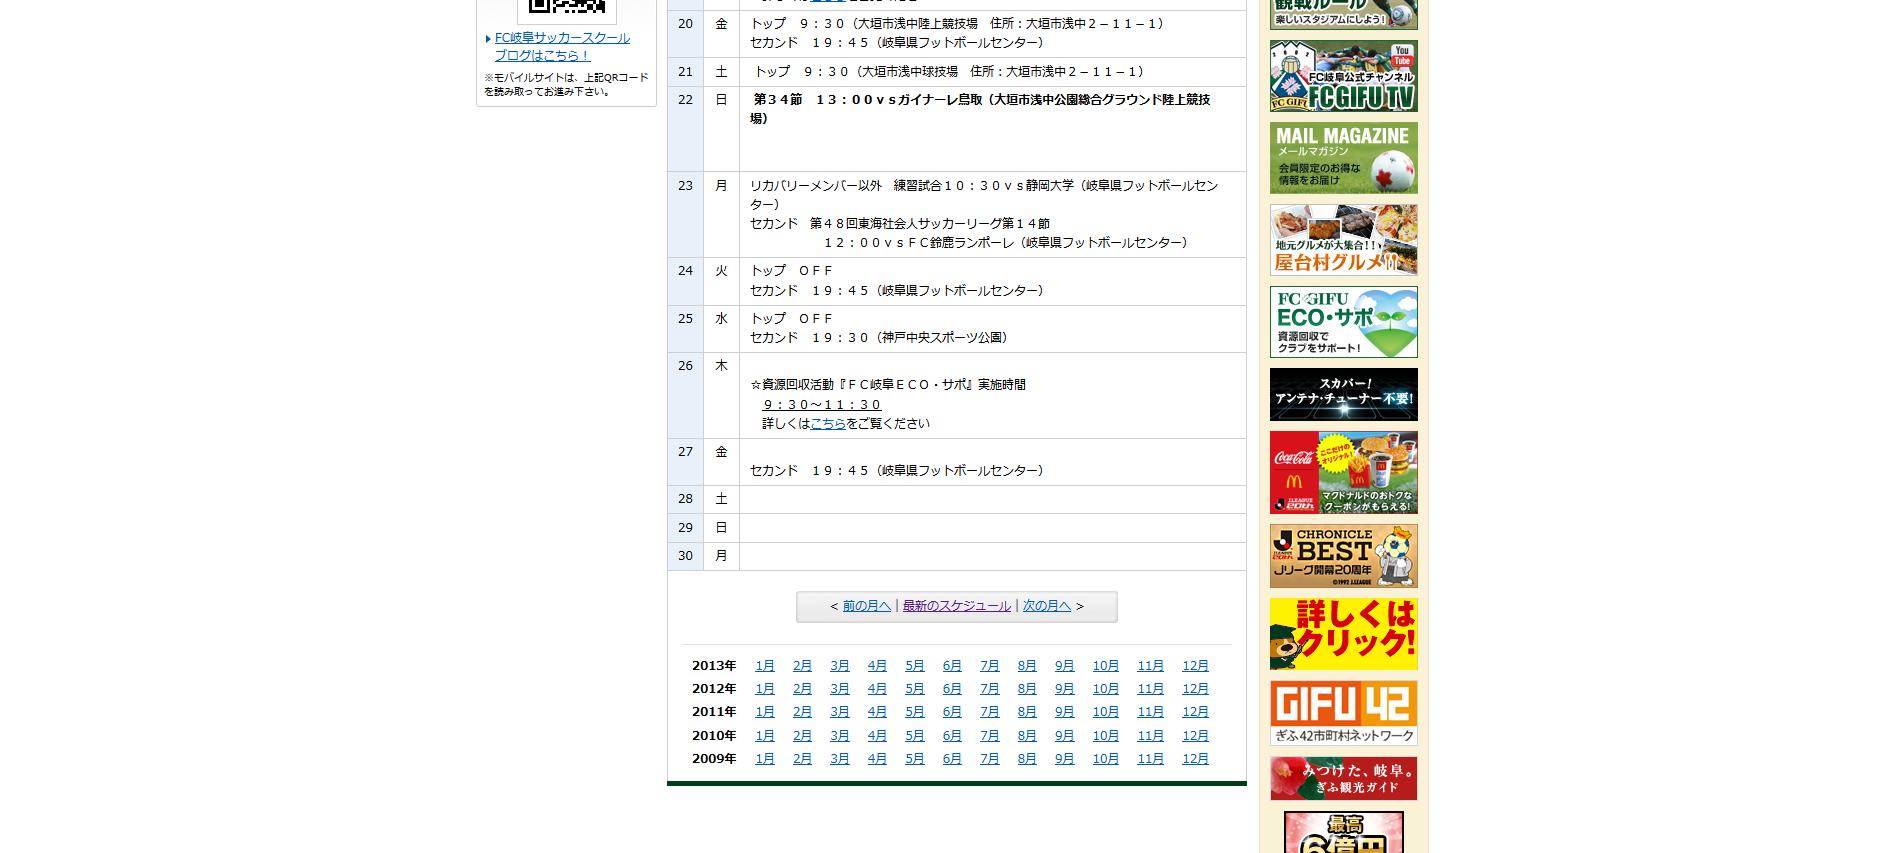 月間スケジュール|試合日程・結果|FC岐阜オフィシャルサイト